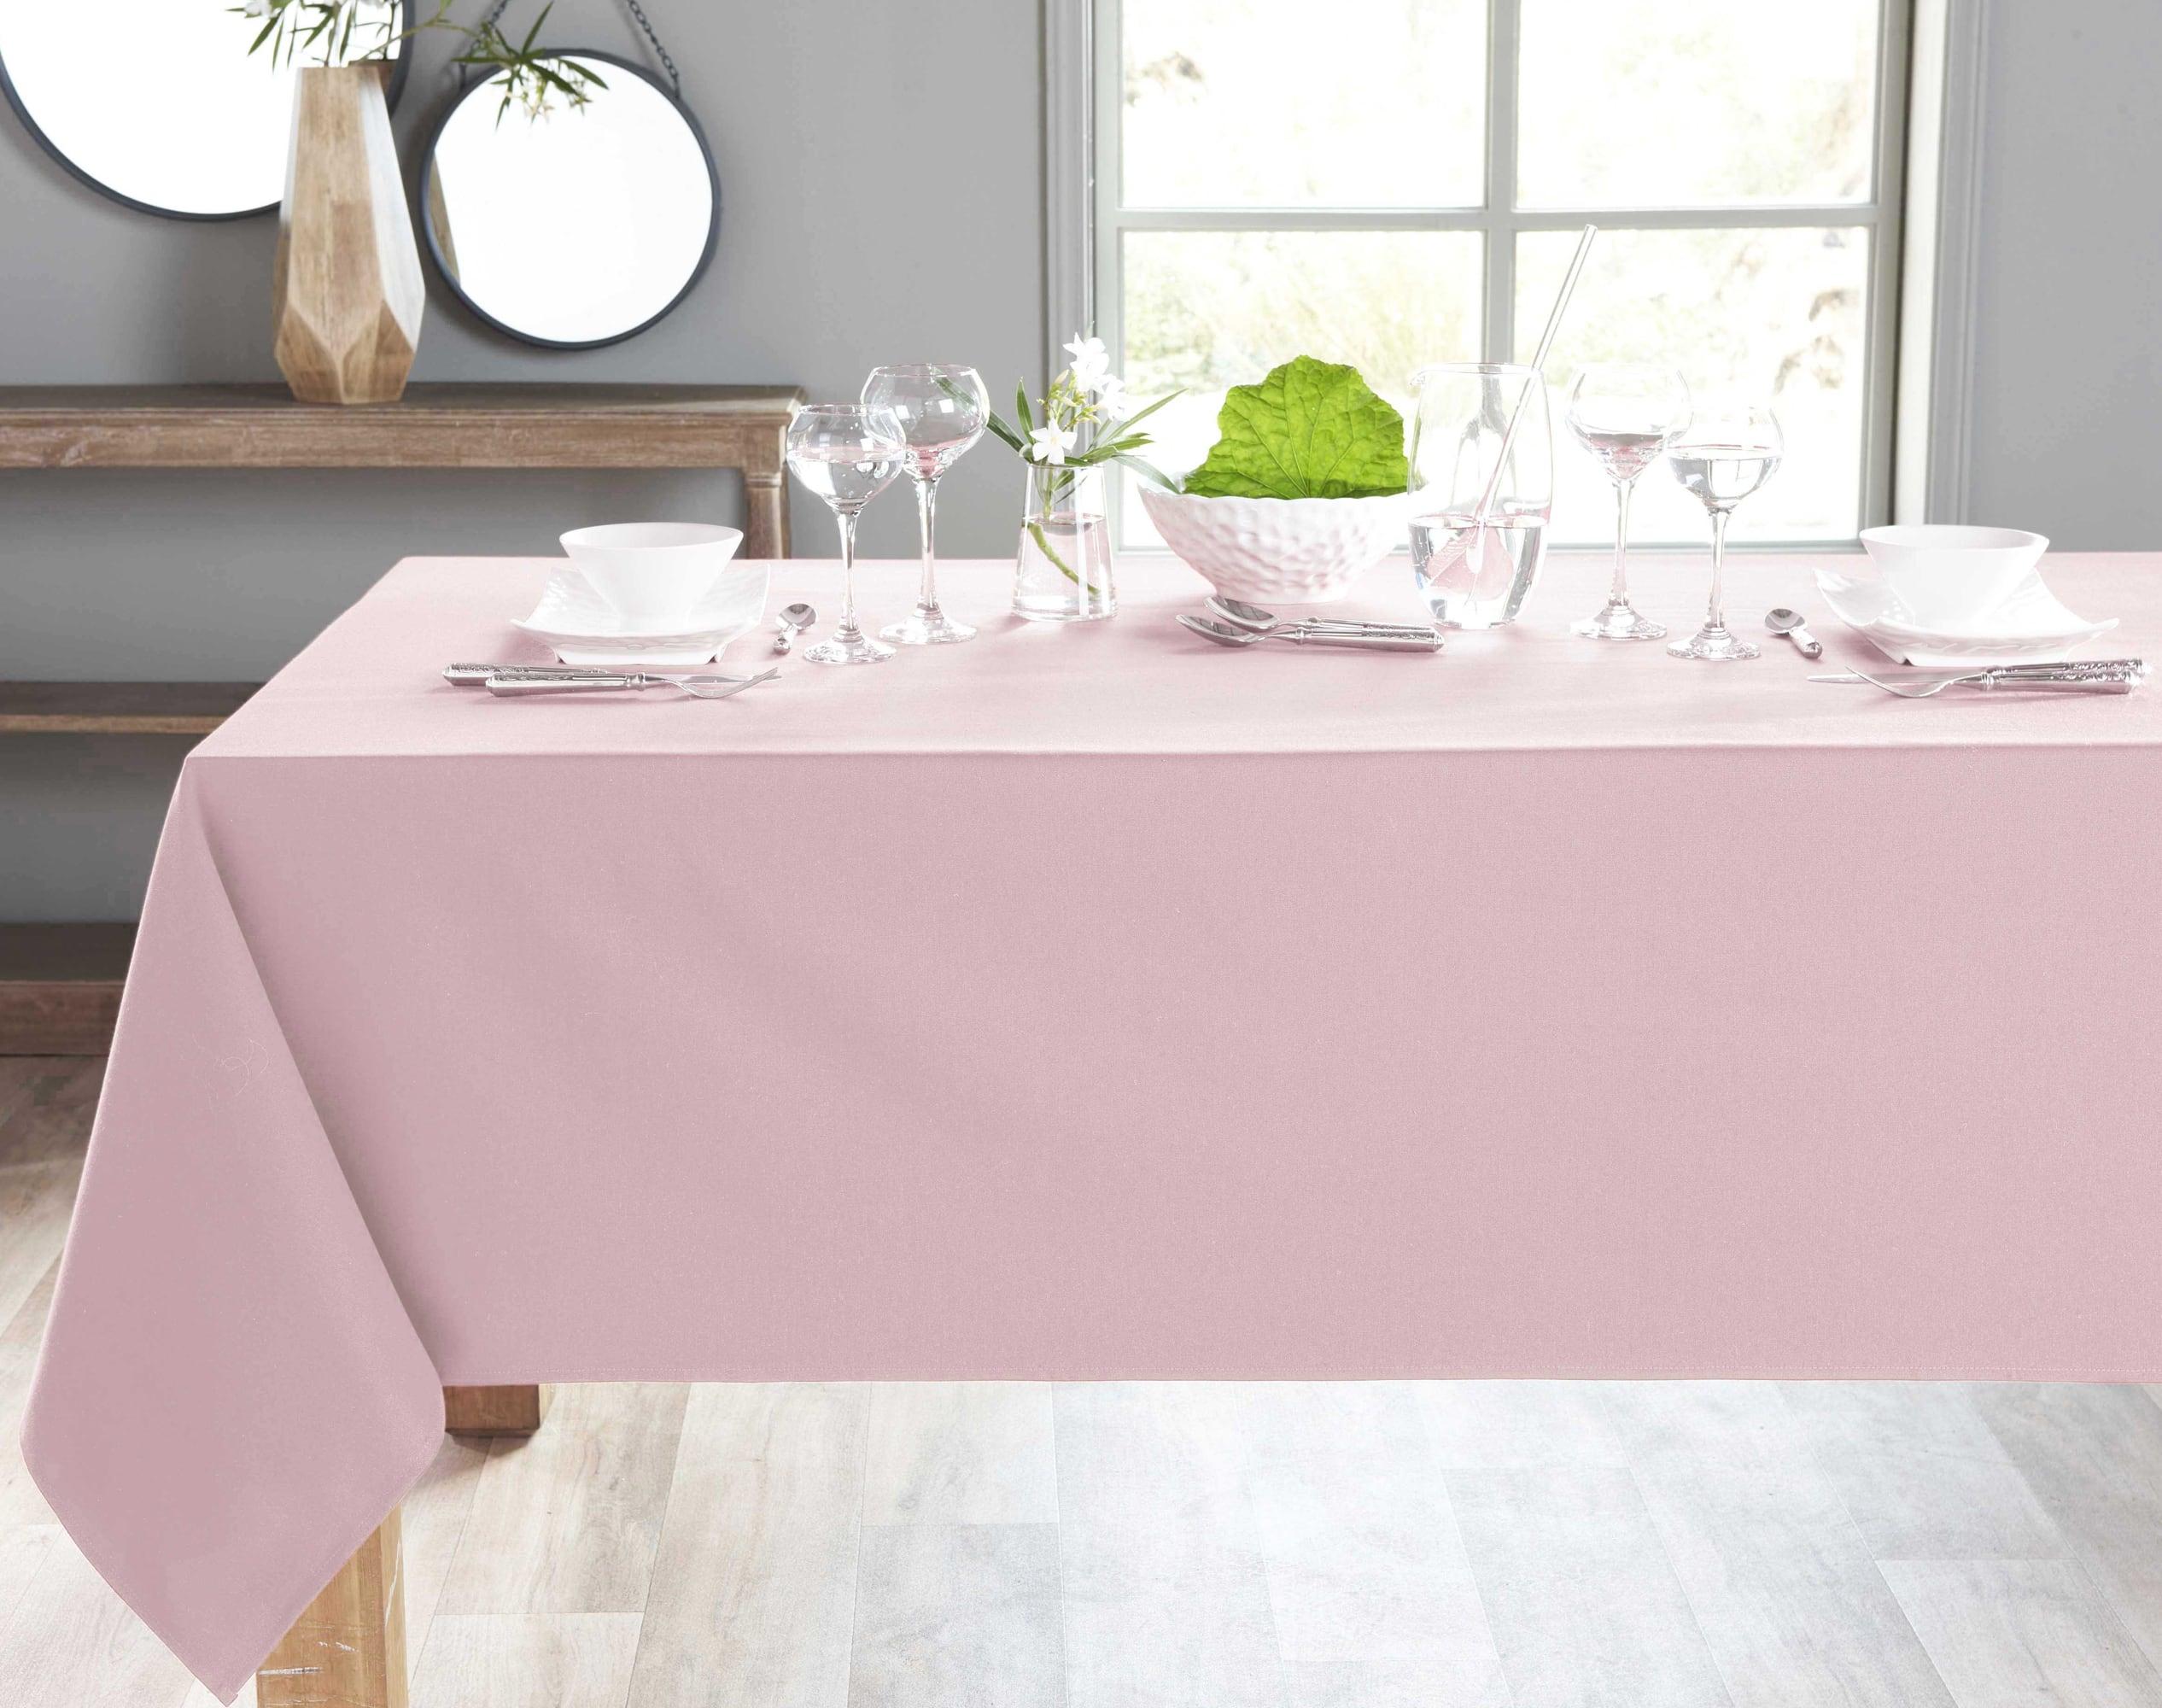 Nappe ronde rose poudré en coton 180x180